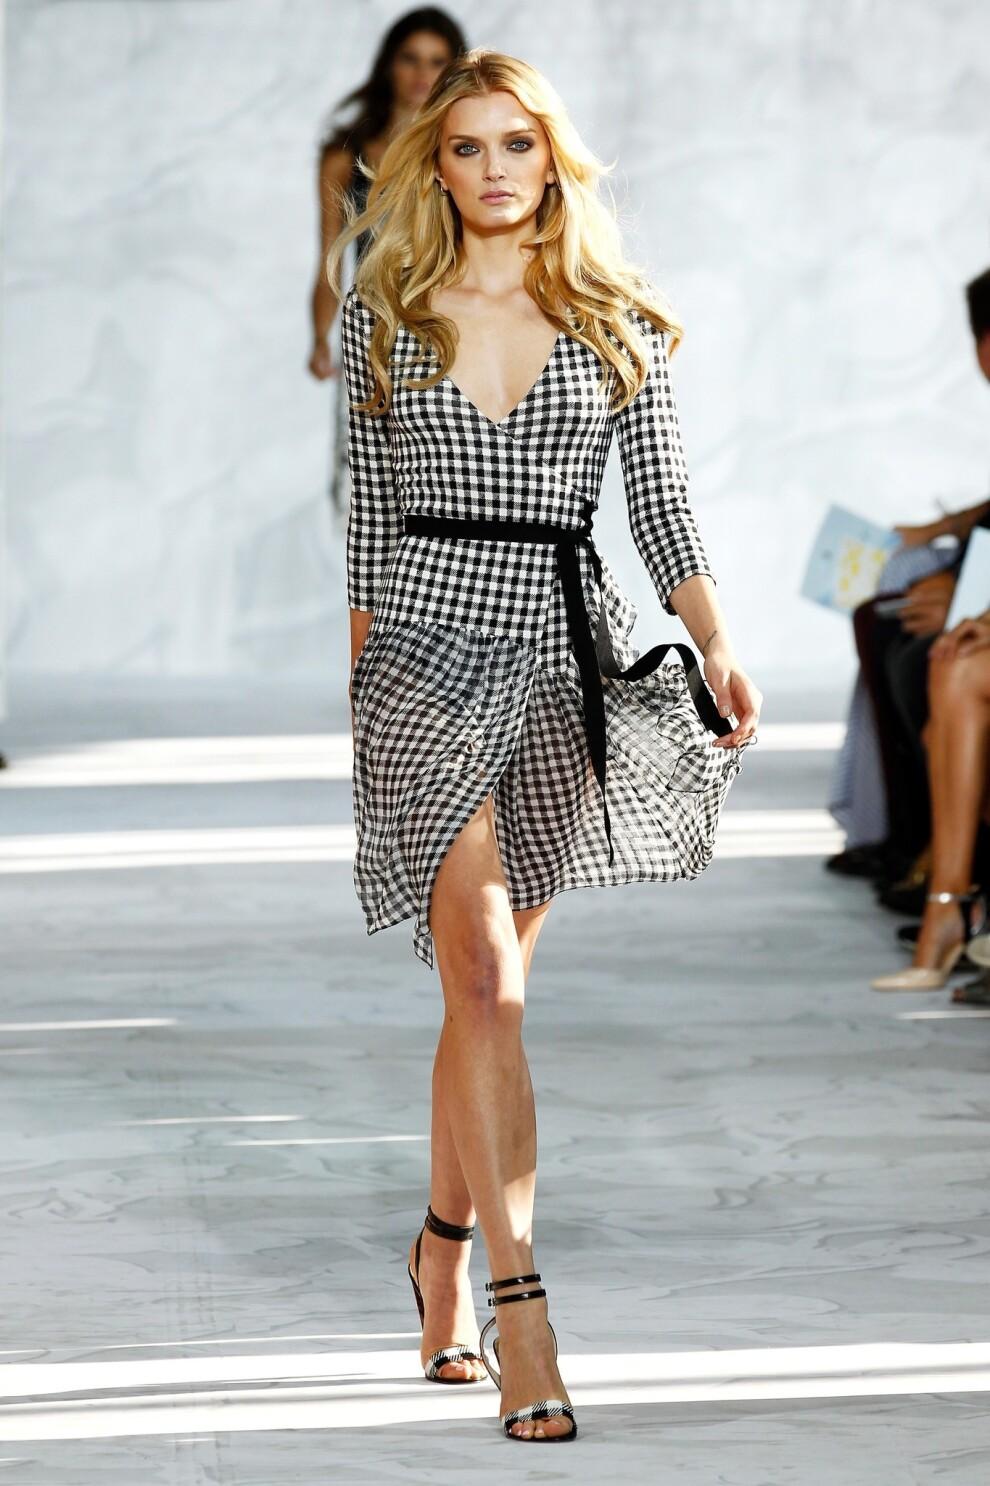 New York Fashion Week Diane Von Furstenberg Lets The Sun Shine In Los Angeles Times